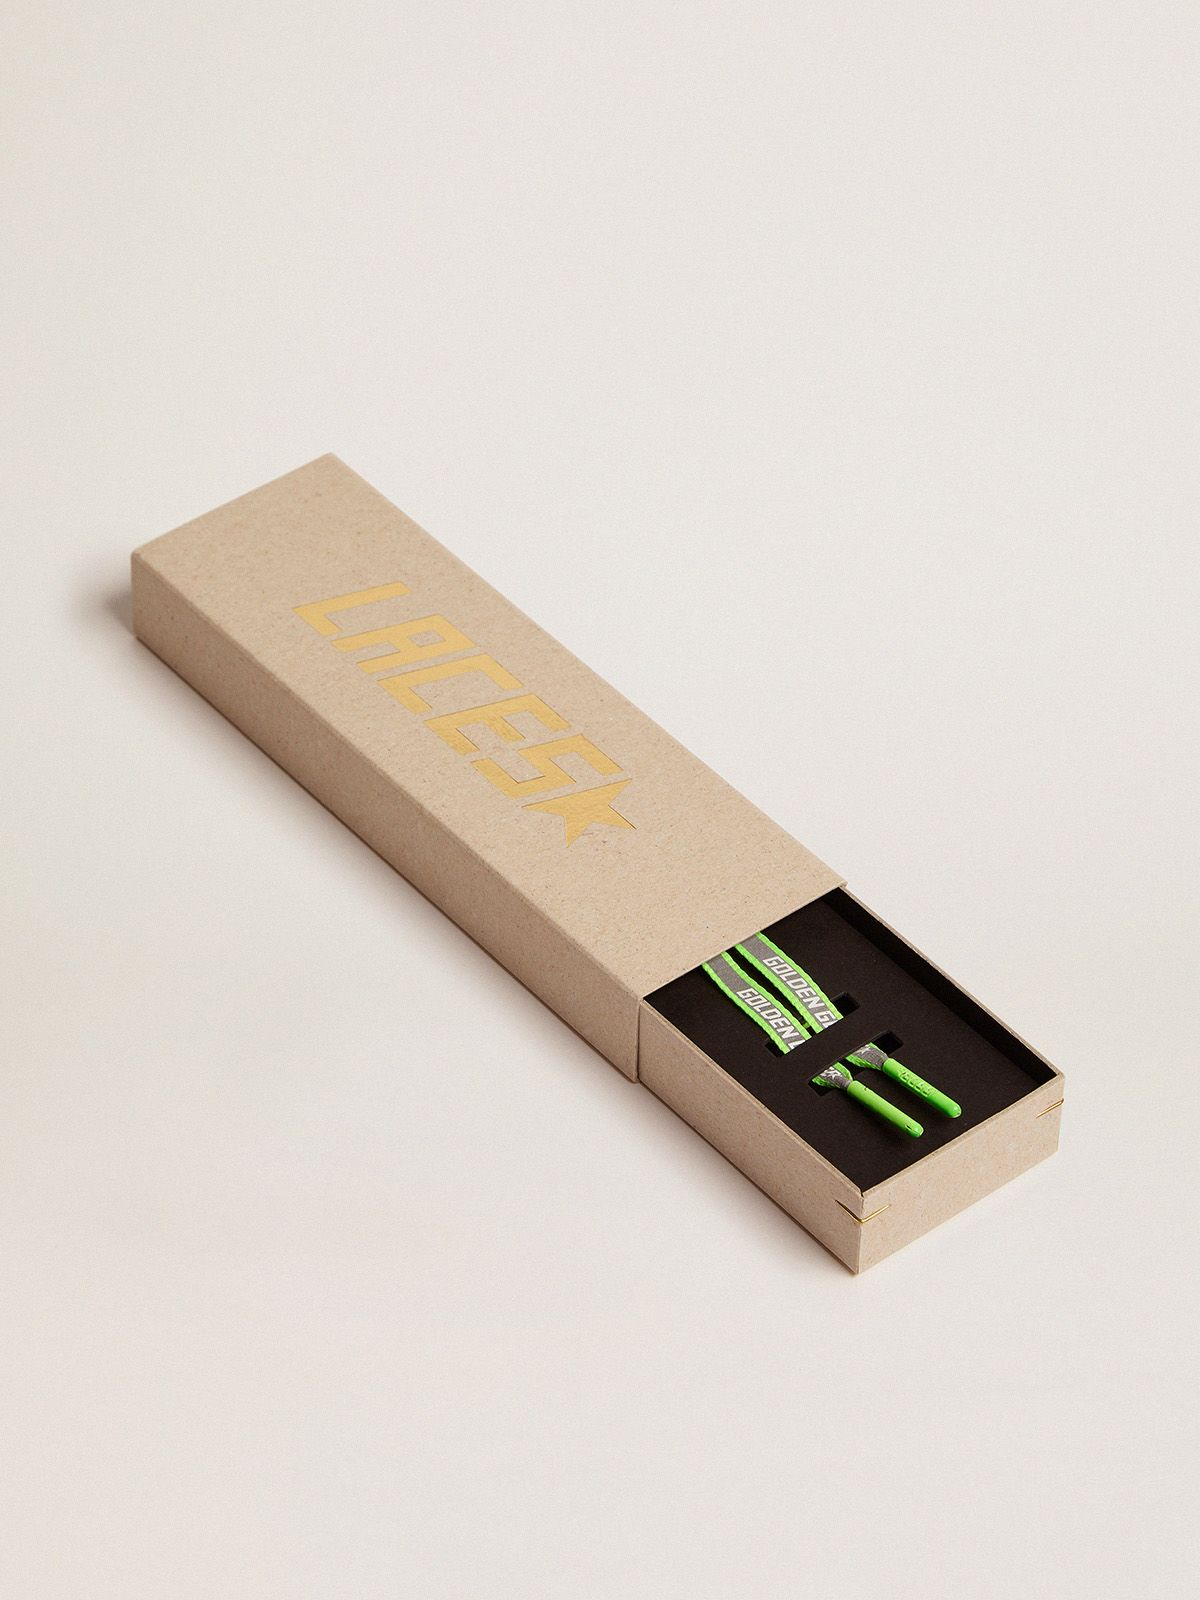 Golden Goose - Lacci uomo riflettenti verde fluo con logo   in